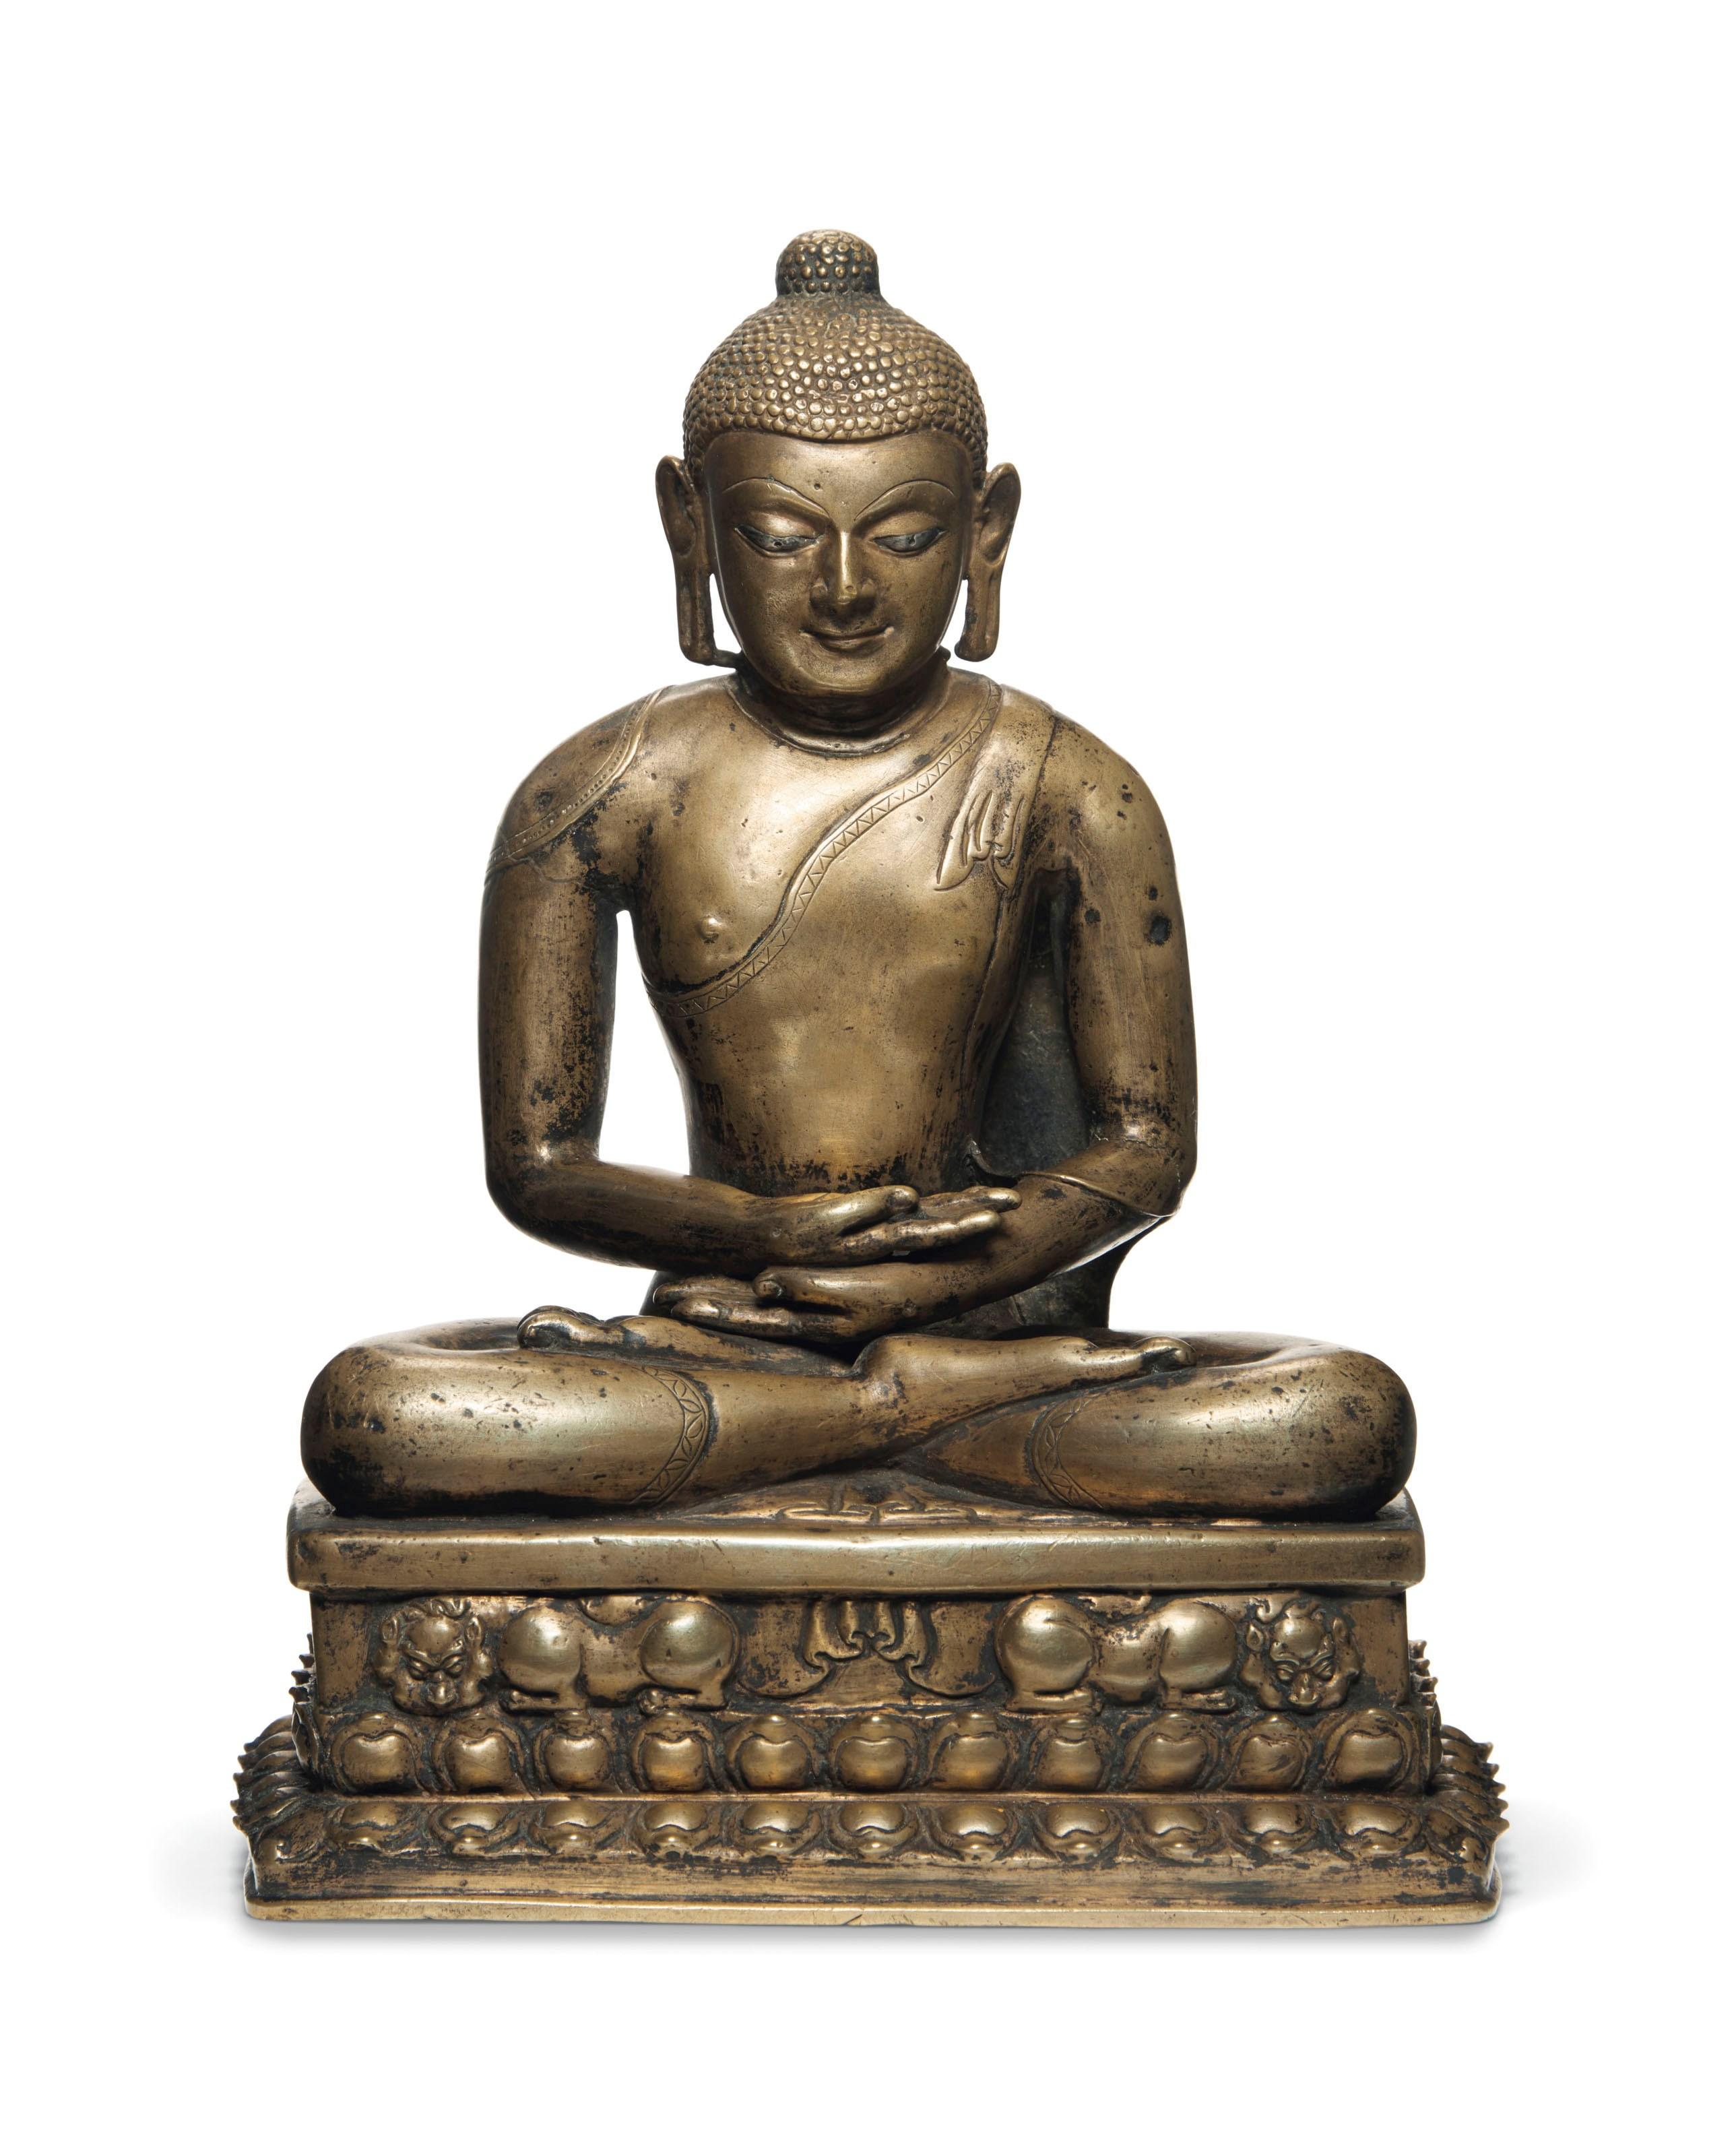 西藏西部 十一至十二世纪 铜错银嵌红铜佛坐像,高12¼吋(31公分)。估价:100,000-150,000美元。此拍品于2019年3月21日在佳士得纽约髹金饰玉 - 欧云伉俪珍藏日间拍卖中呈献。